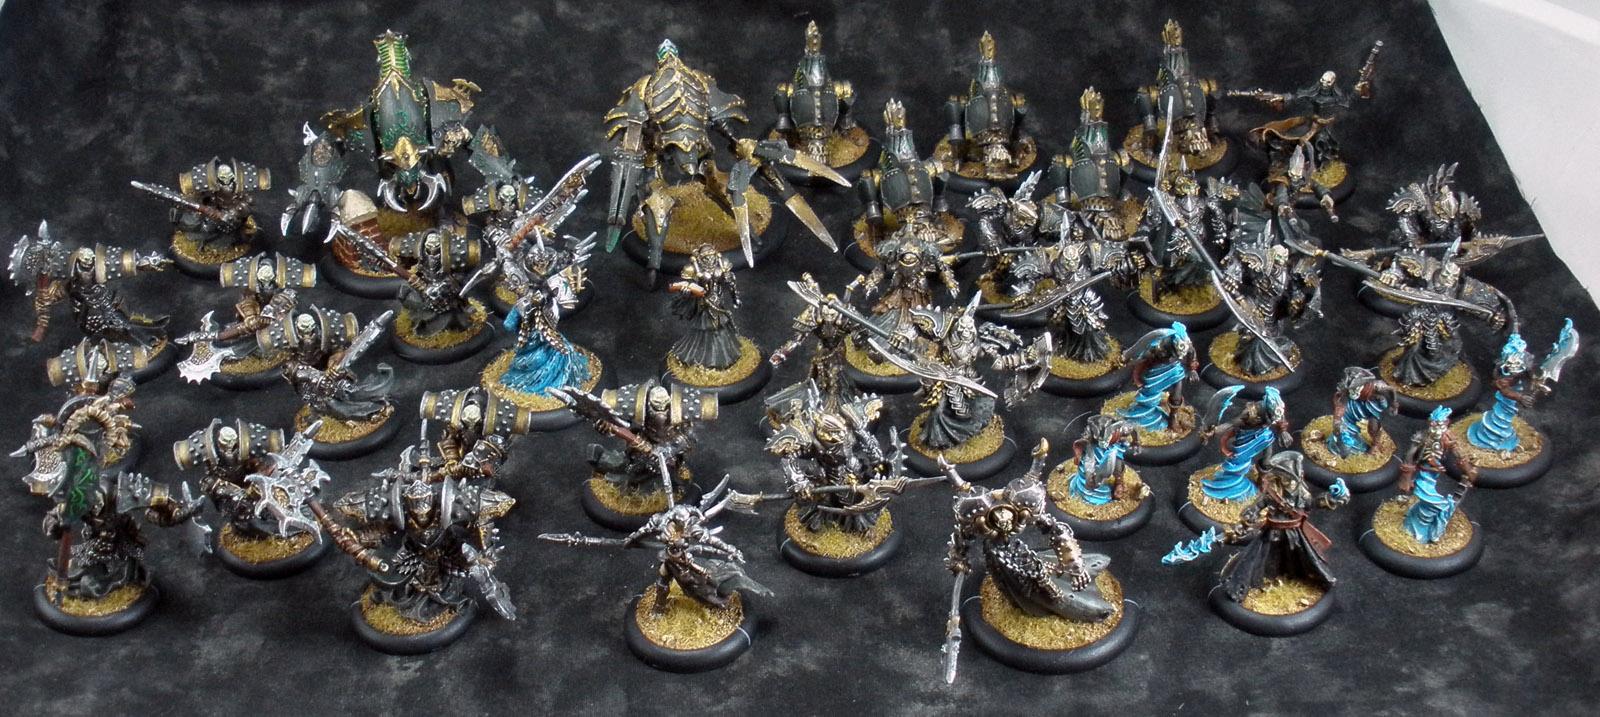 cryx army 2.jpg